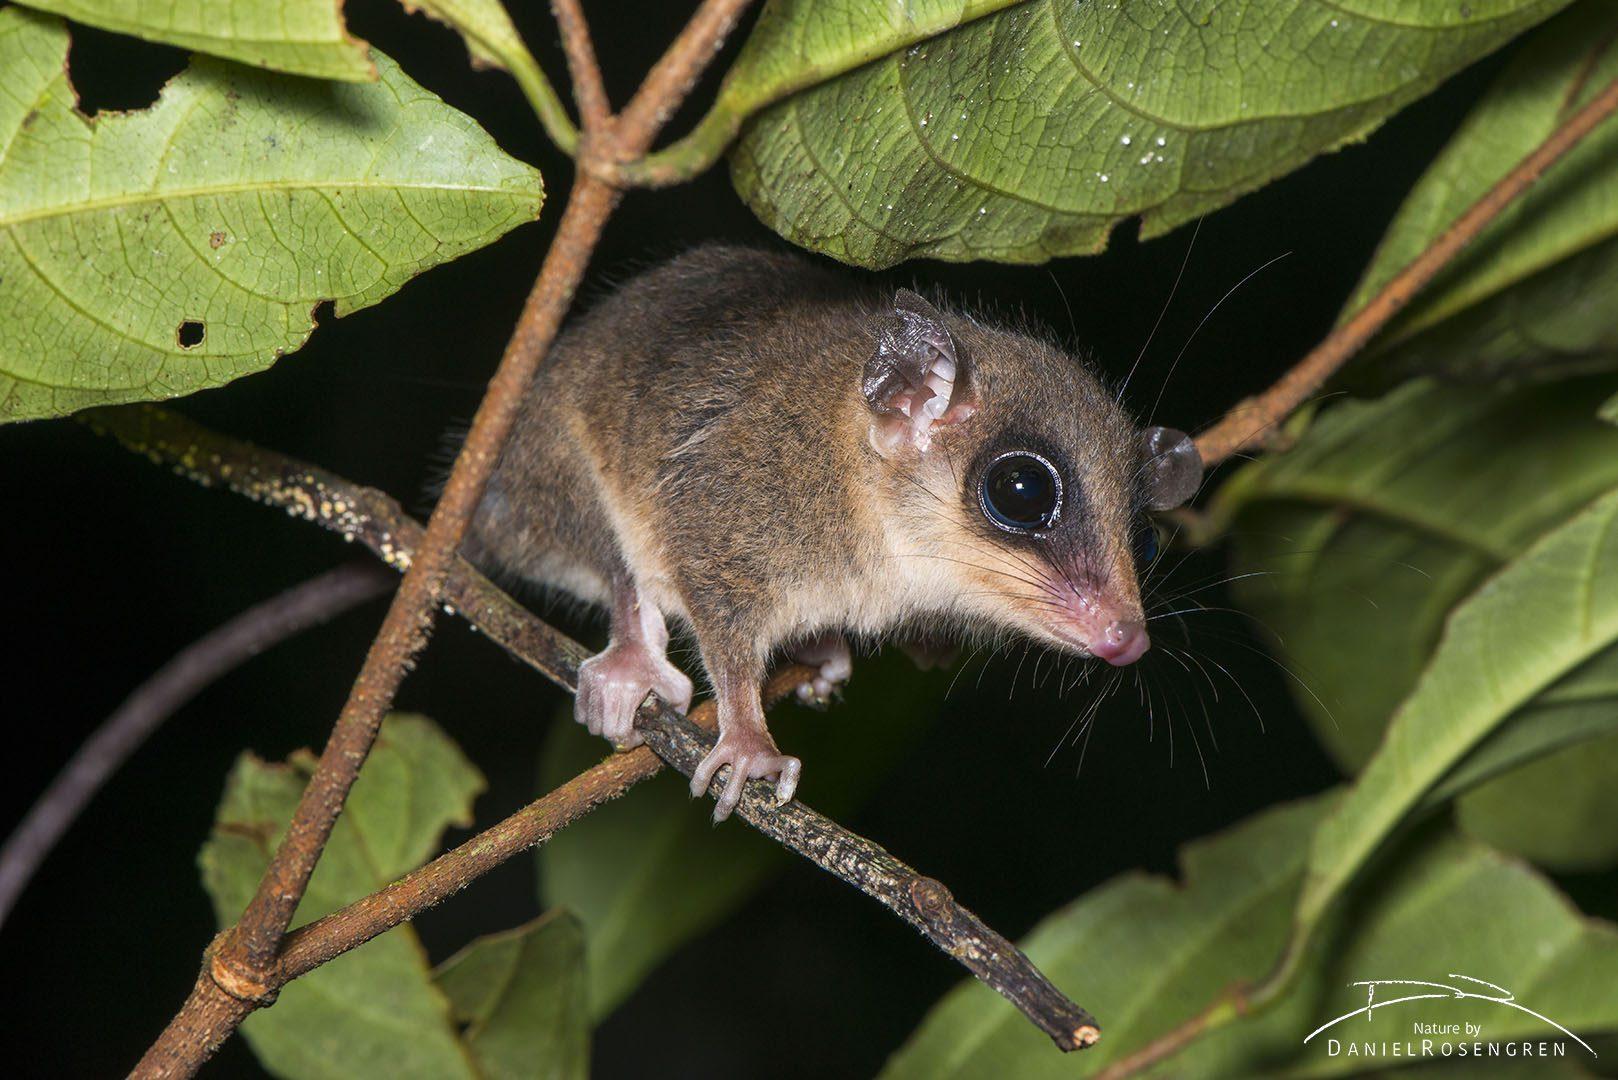 An opossum in Yaguas. © Daniel Rosengren